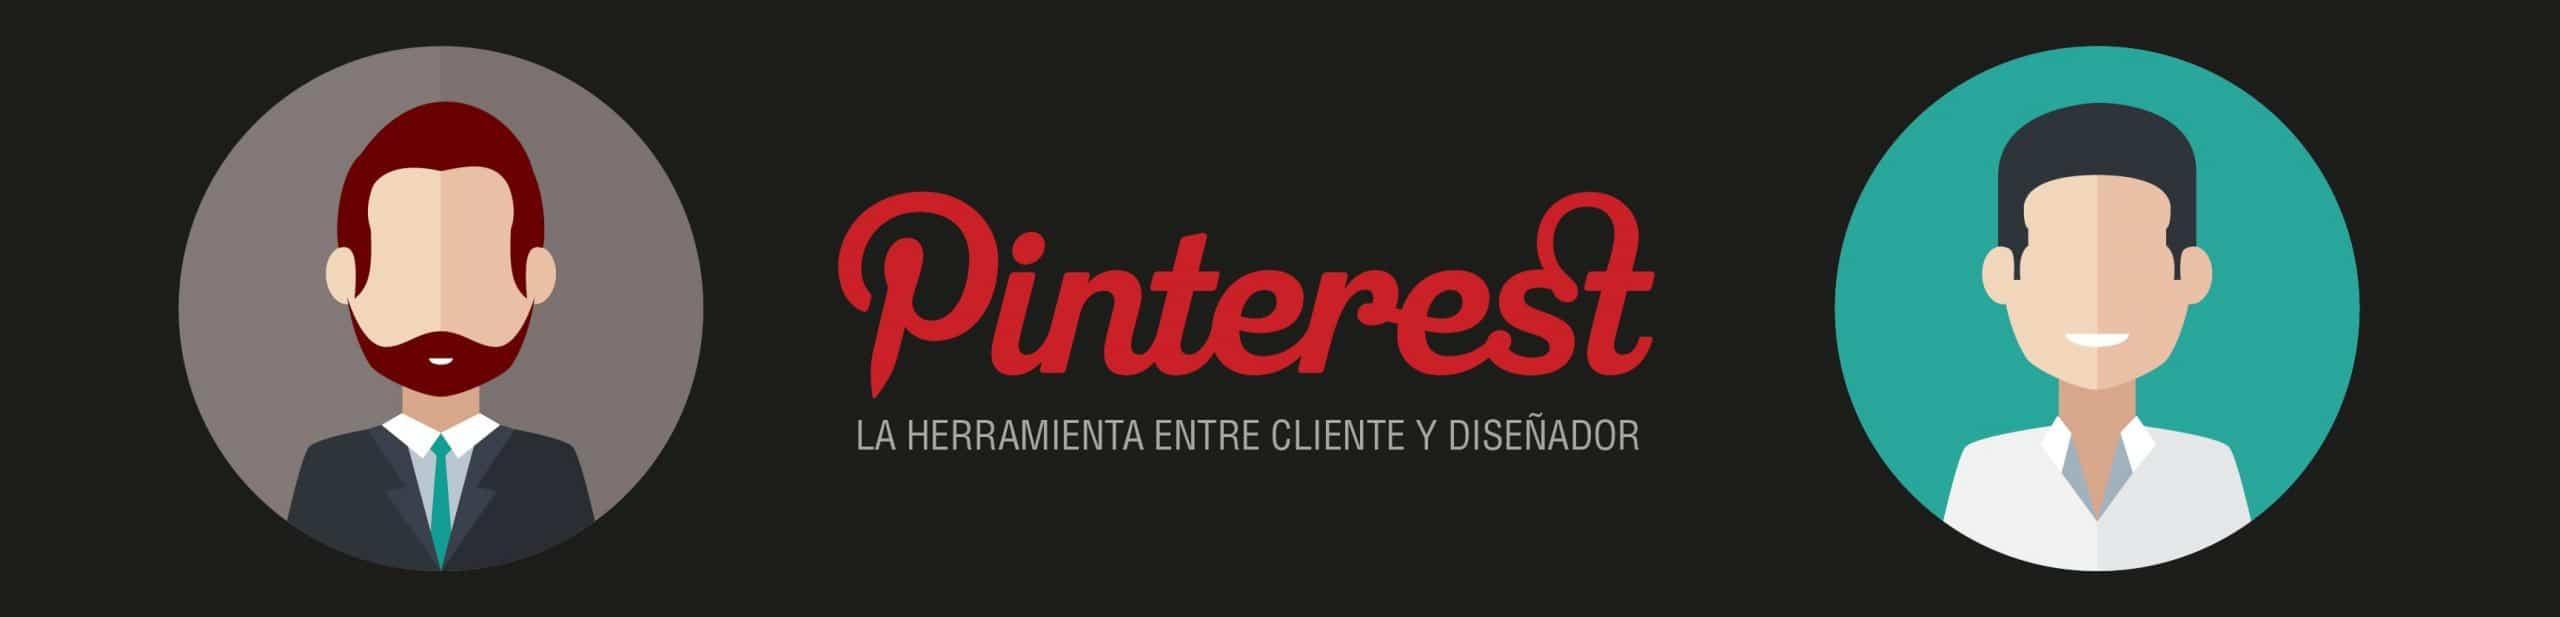 https://es.pinterest.com/